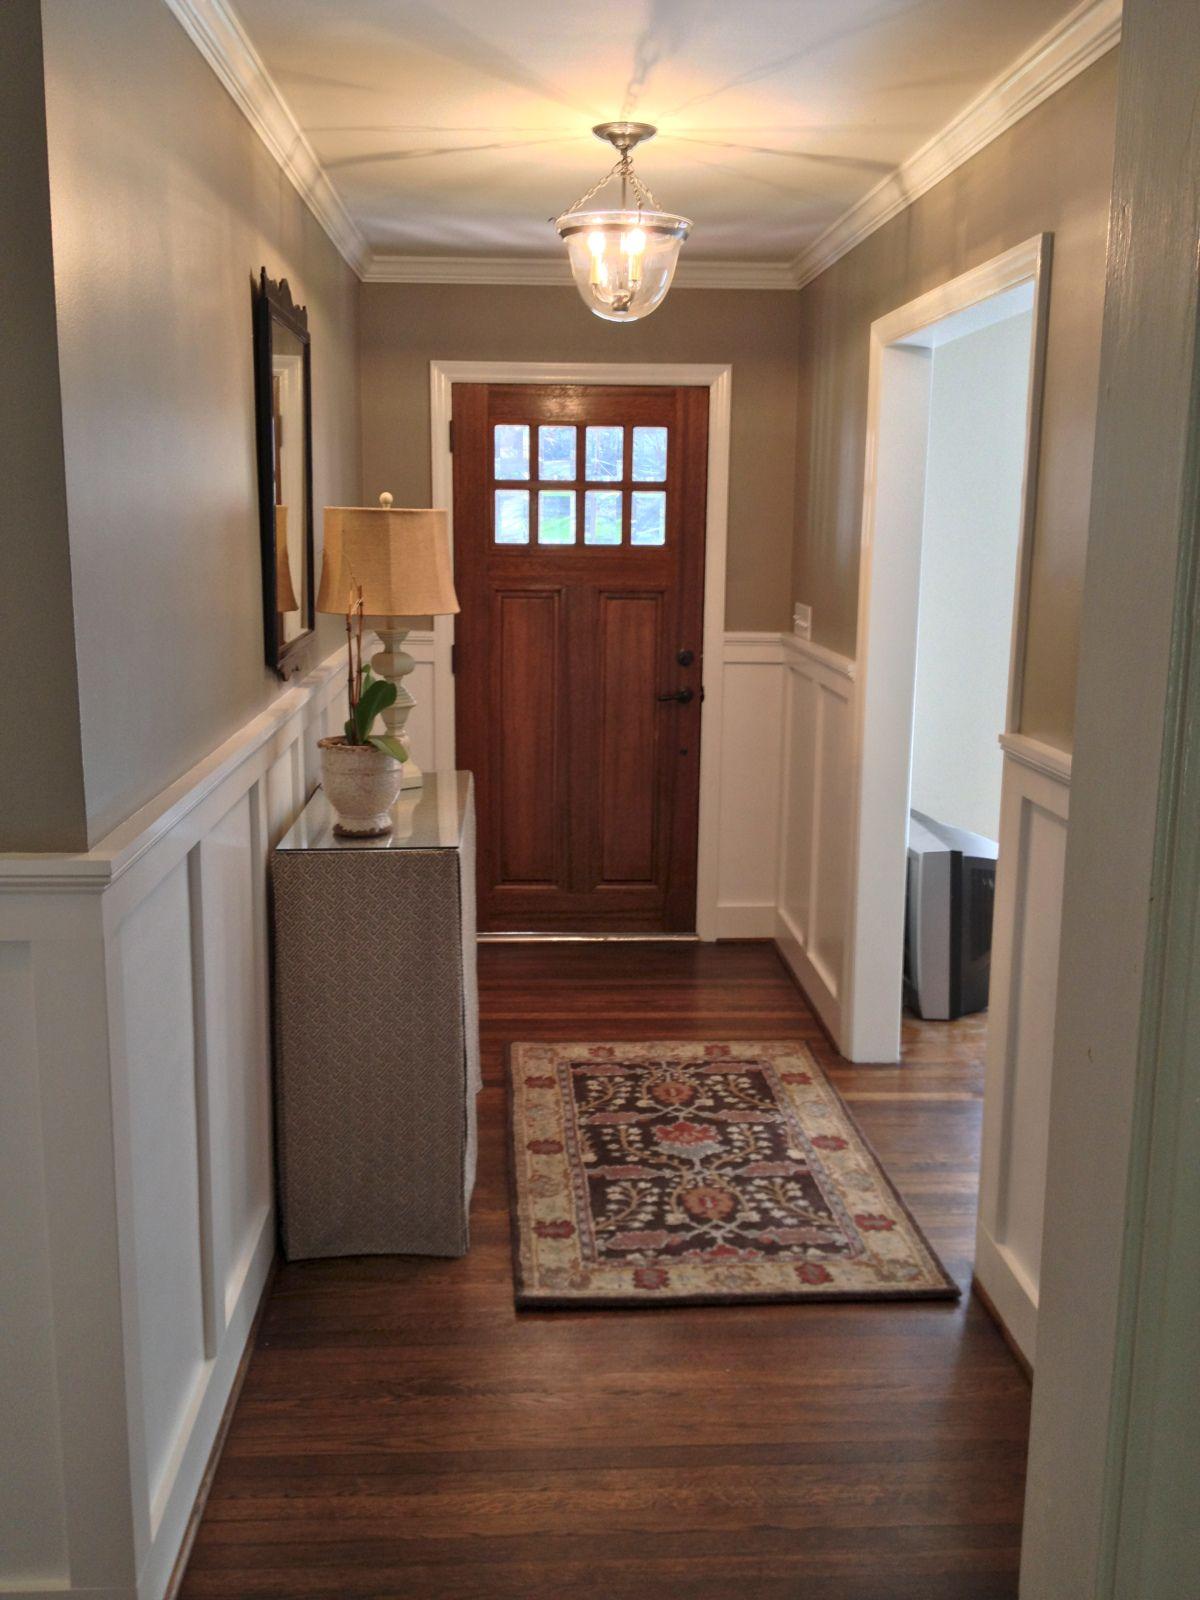 porte entre garage et maison beautiful me journe idem la troisime journe mais a gauche vue du. Black Bedroom Furniture Sets. Home Design Ideas